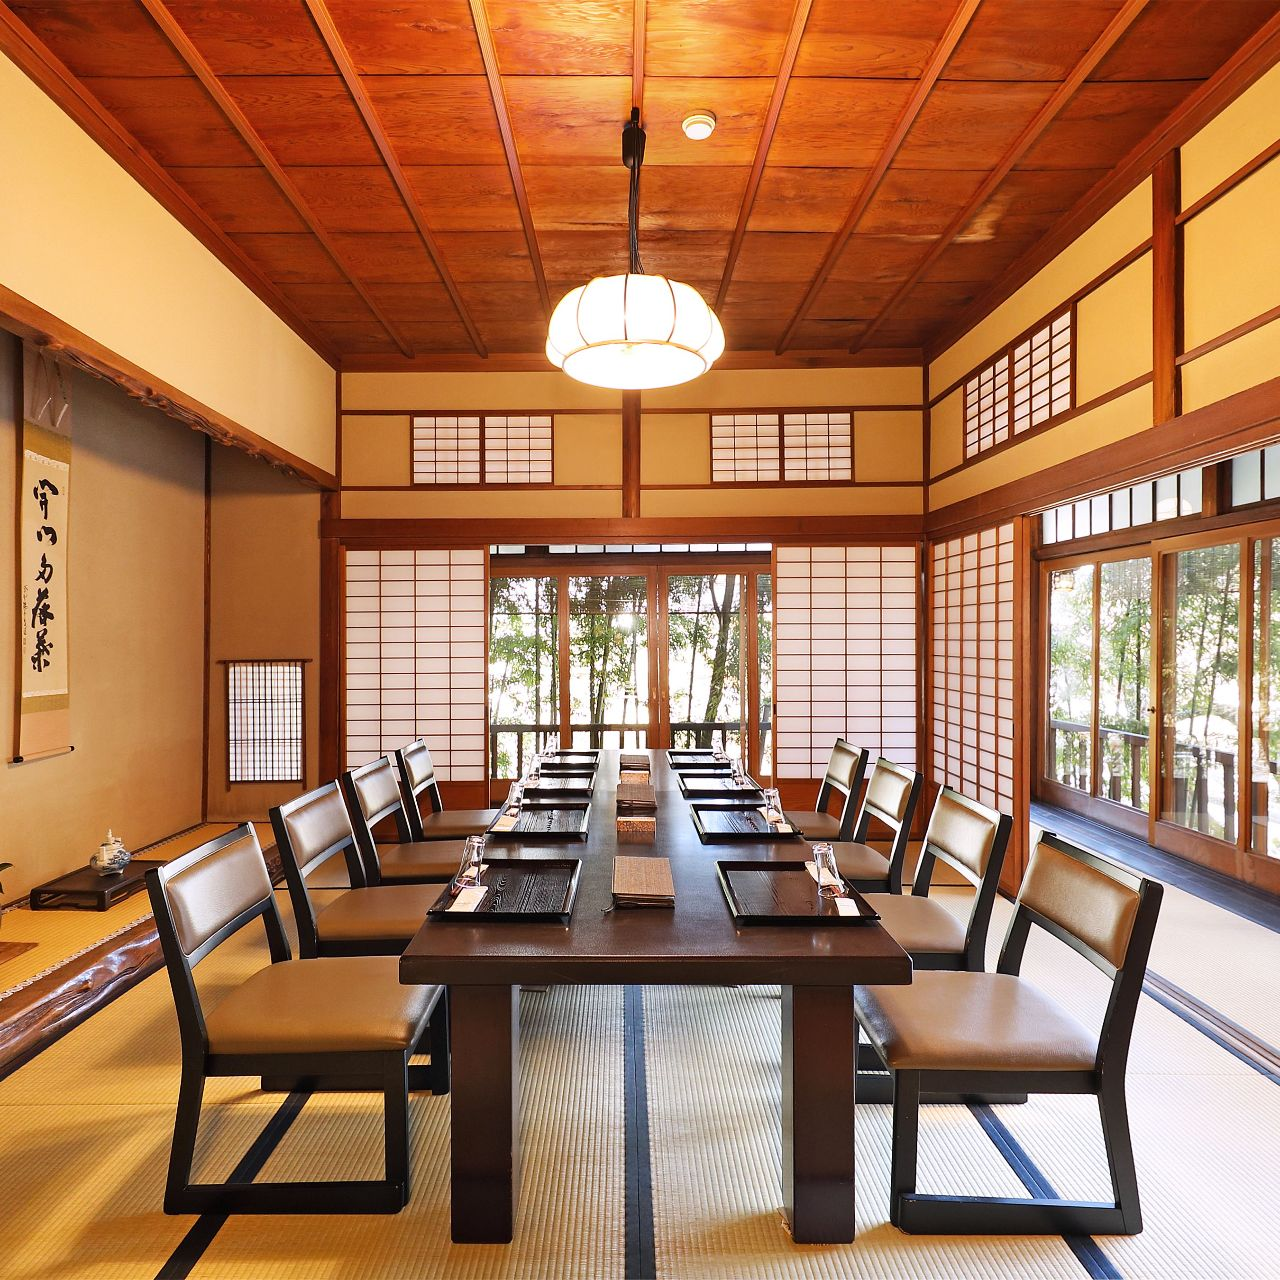 2階広間「松の間」店主の祖父母が別荘として建てた時代の部屋。